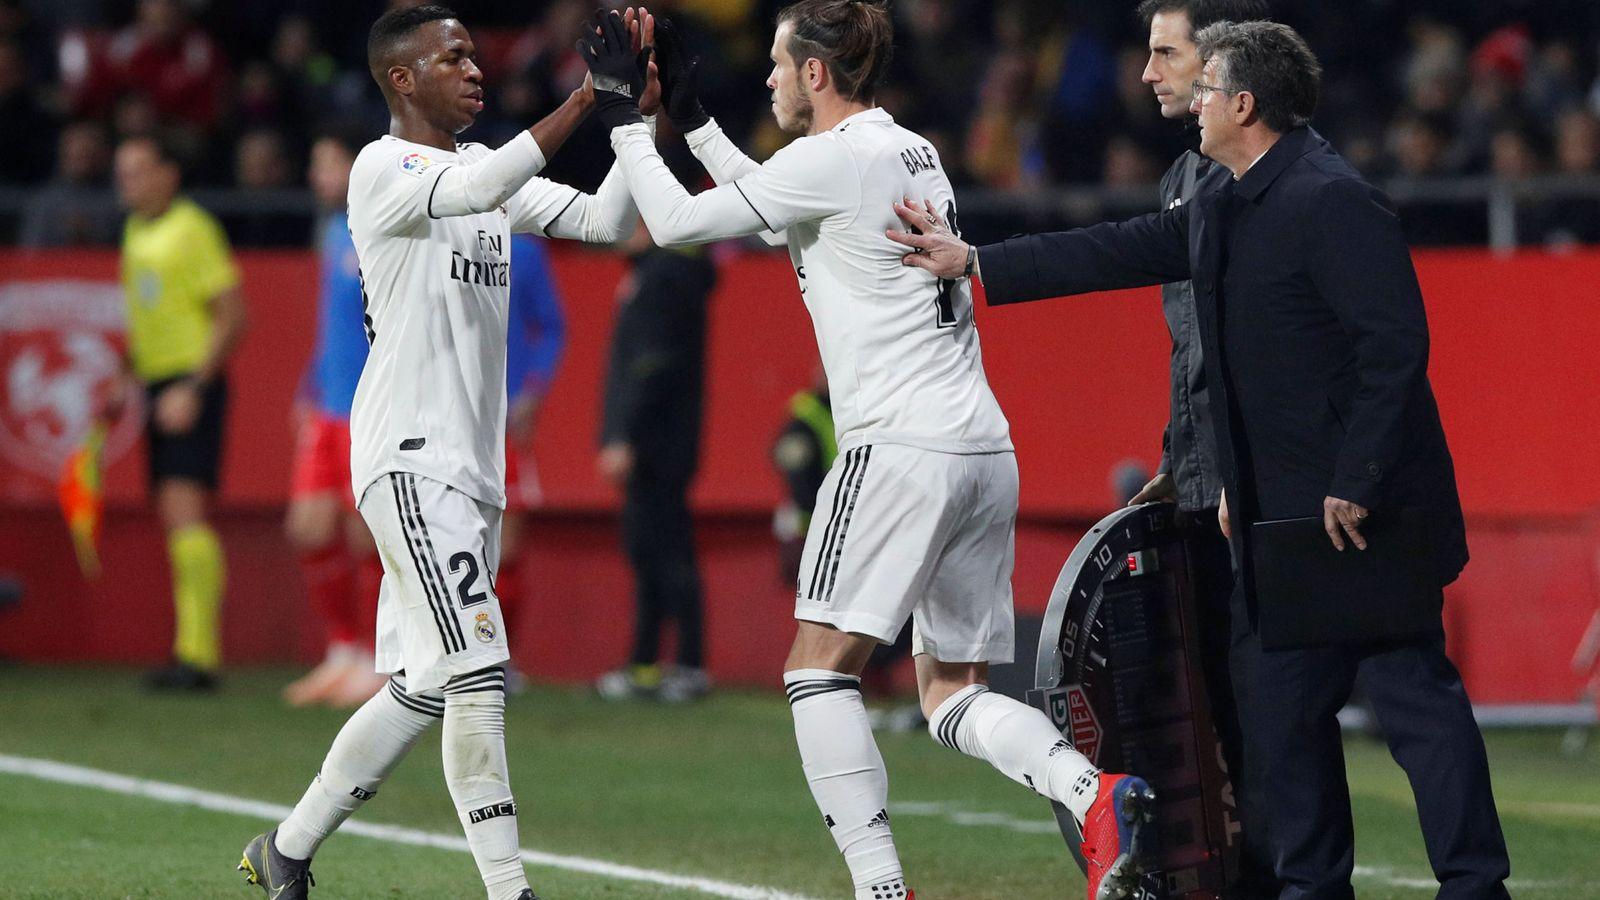 Foto: Vinicius y Bale durante la temporada pasada. (Reuters)